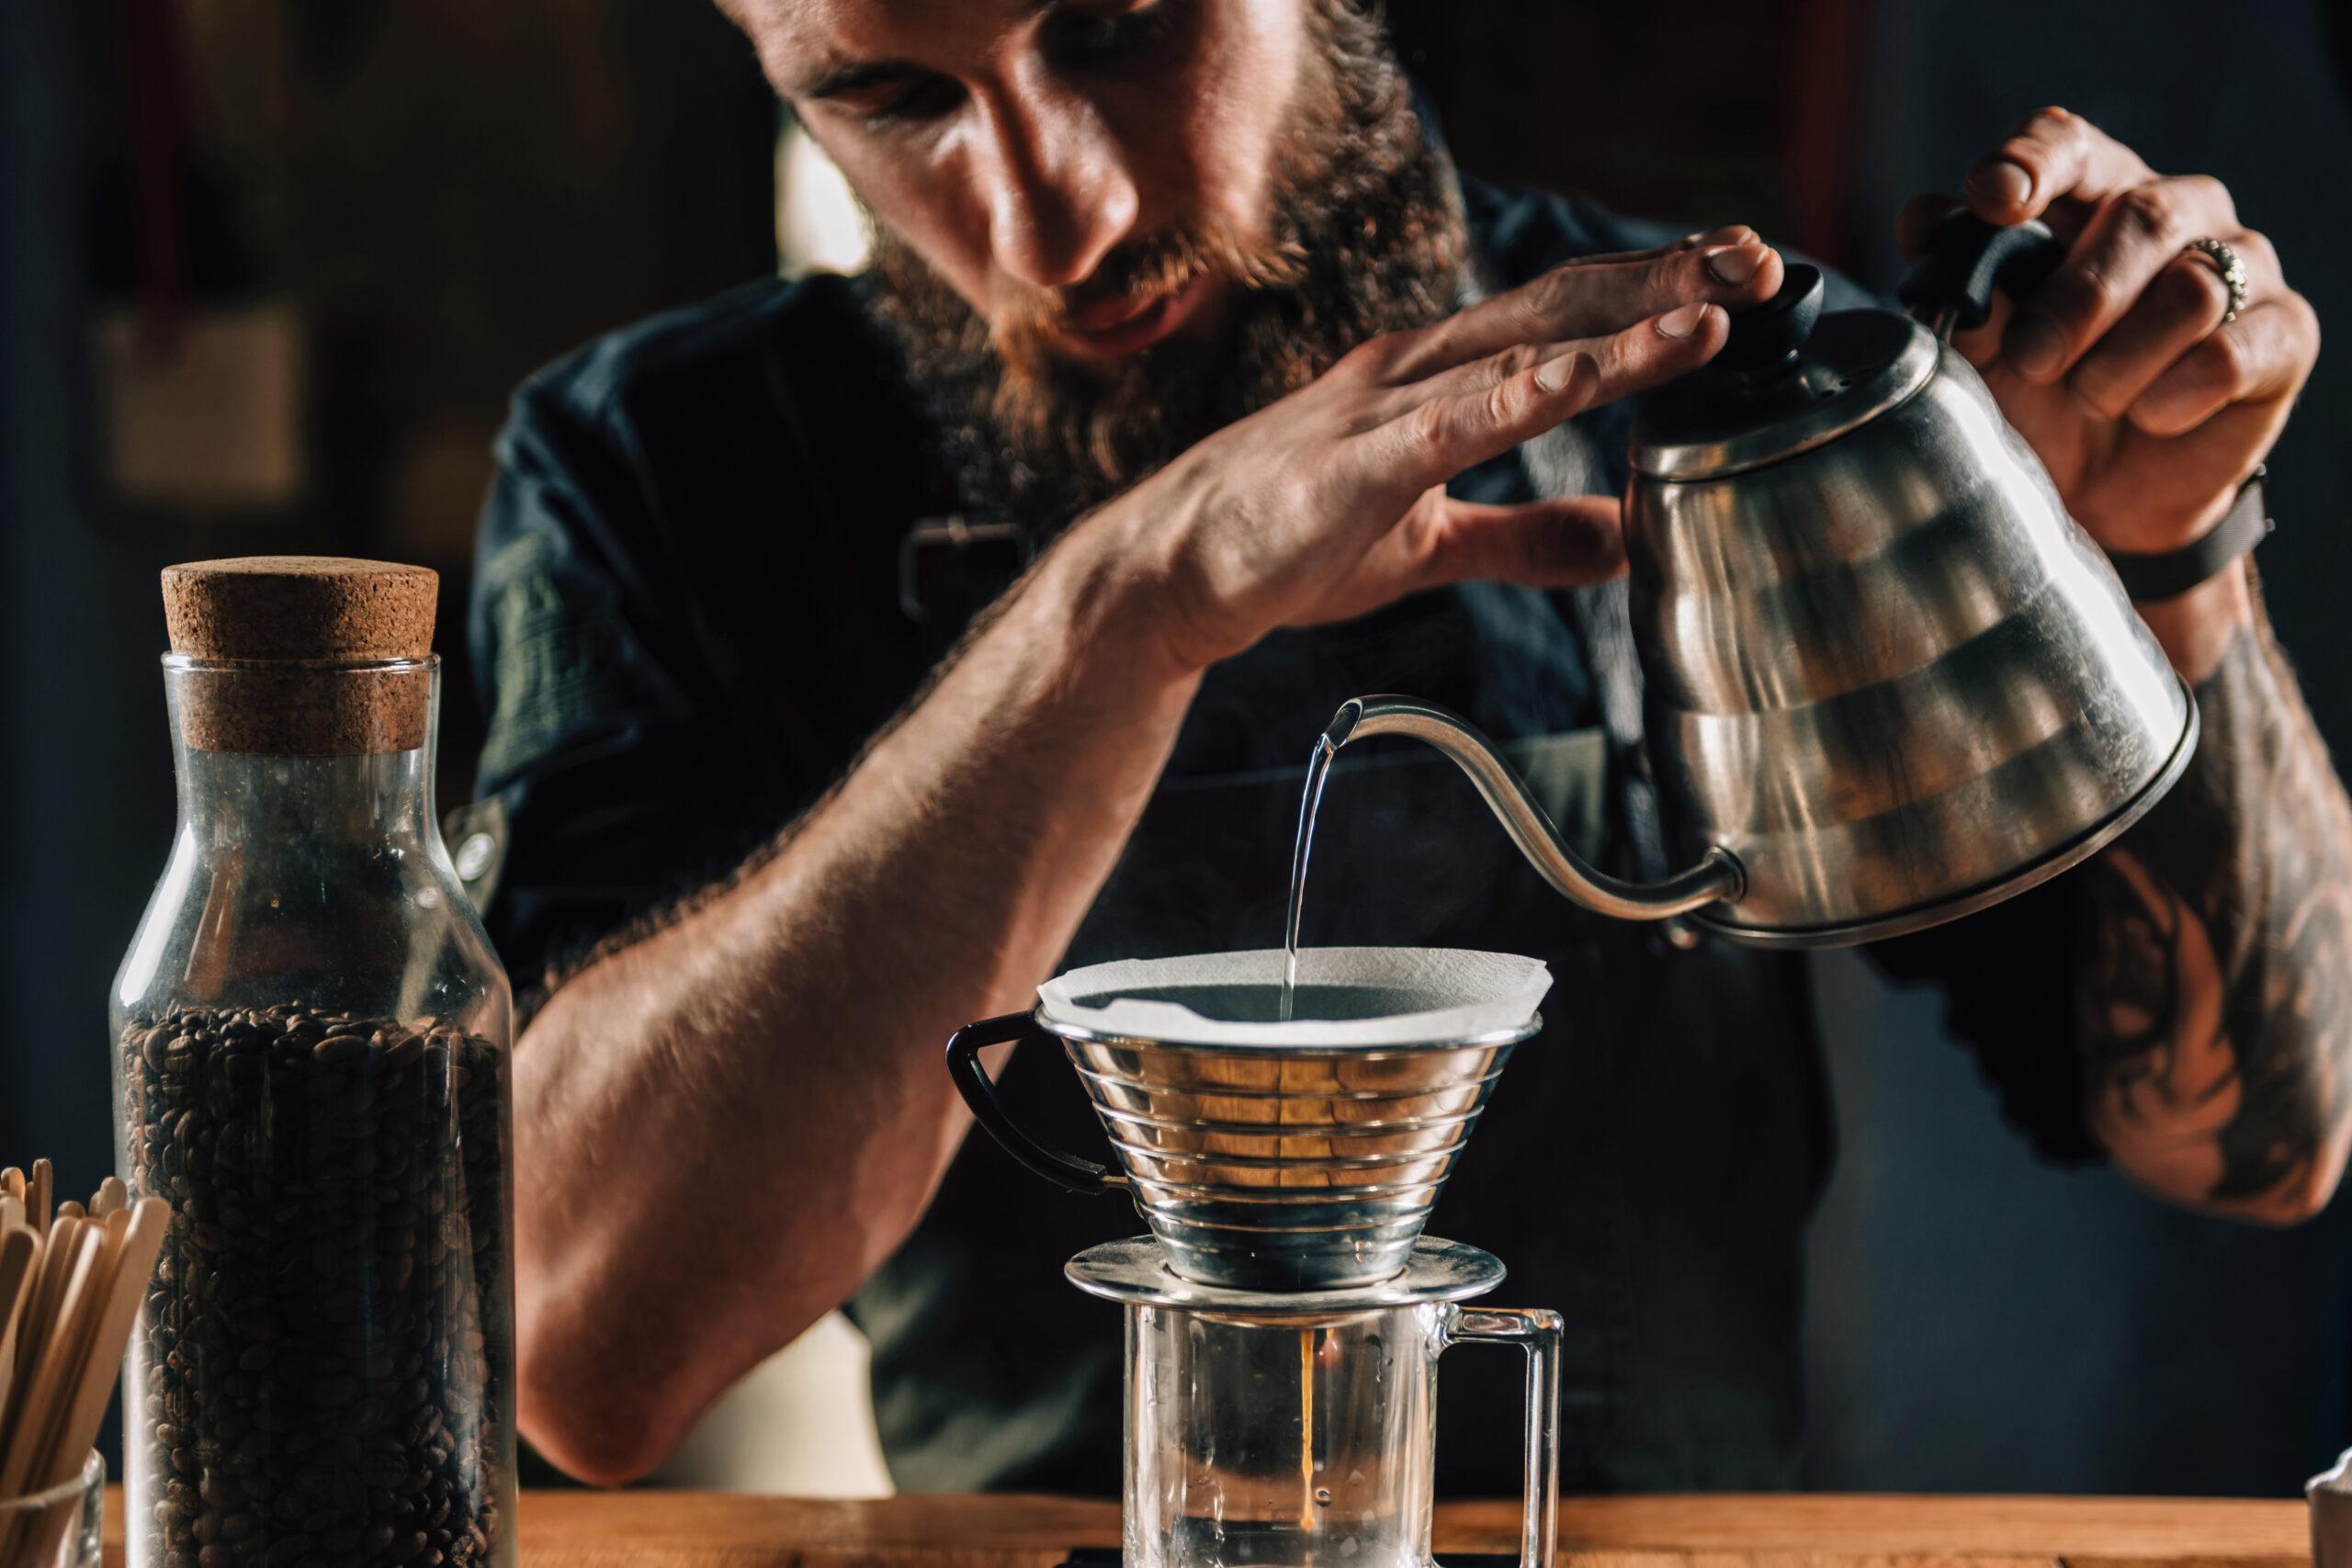 Filterkafffee: Ein Mann gießt Wasser aus einer Edelstahlkanne in ein Glas mit Filteraufsatz. Der Kaffee läuft durch.